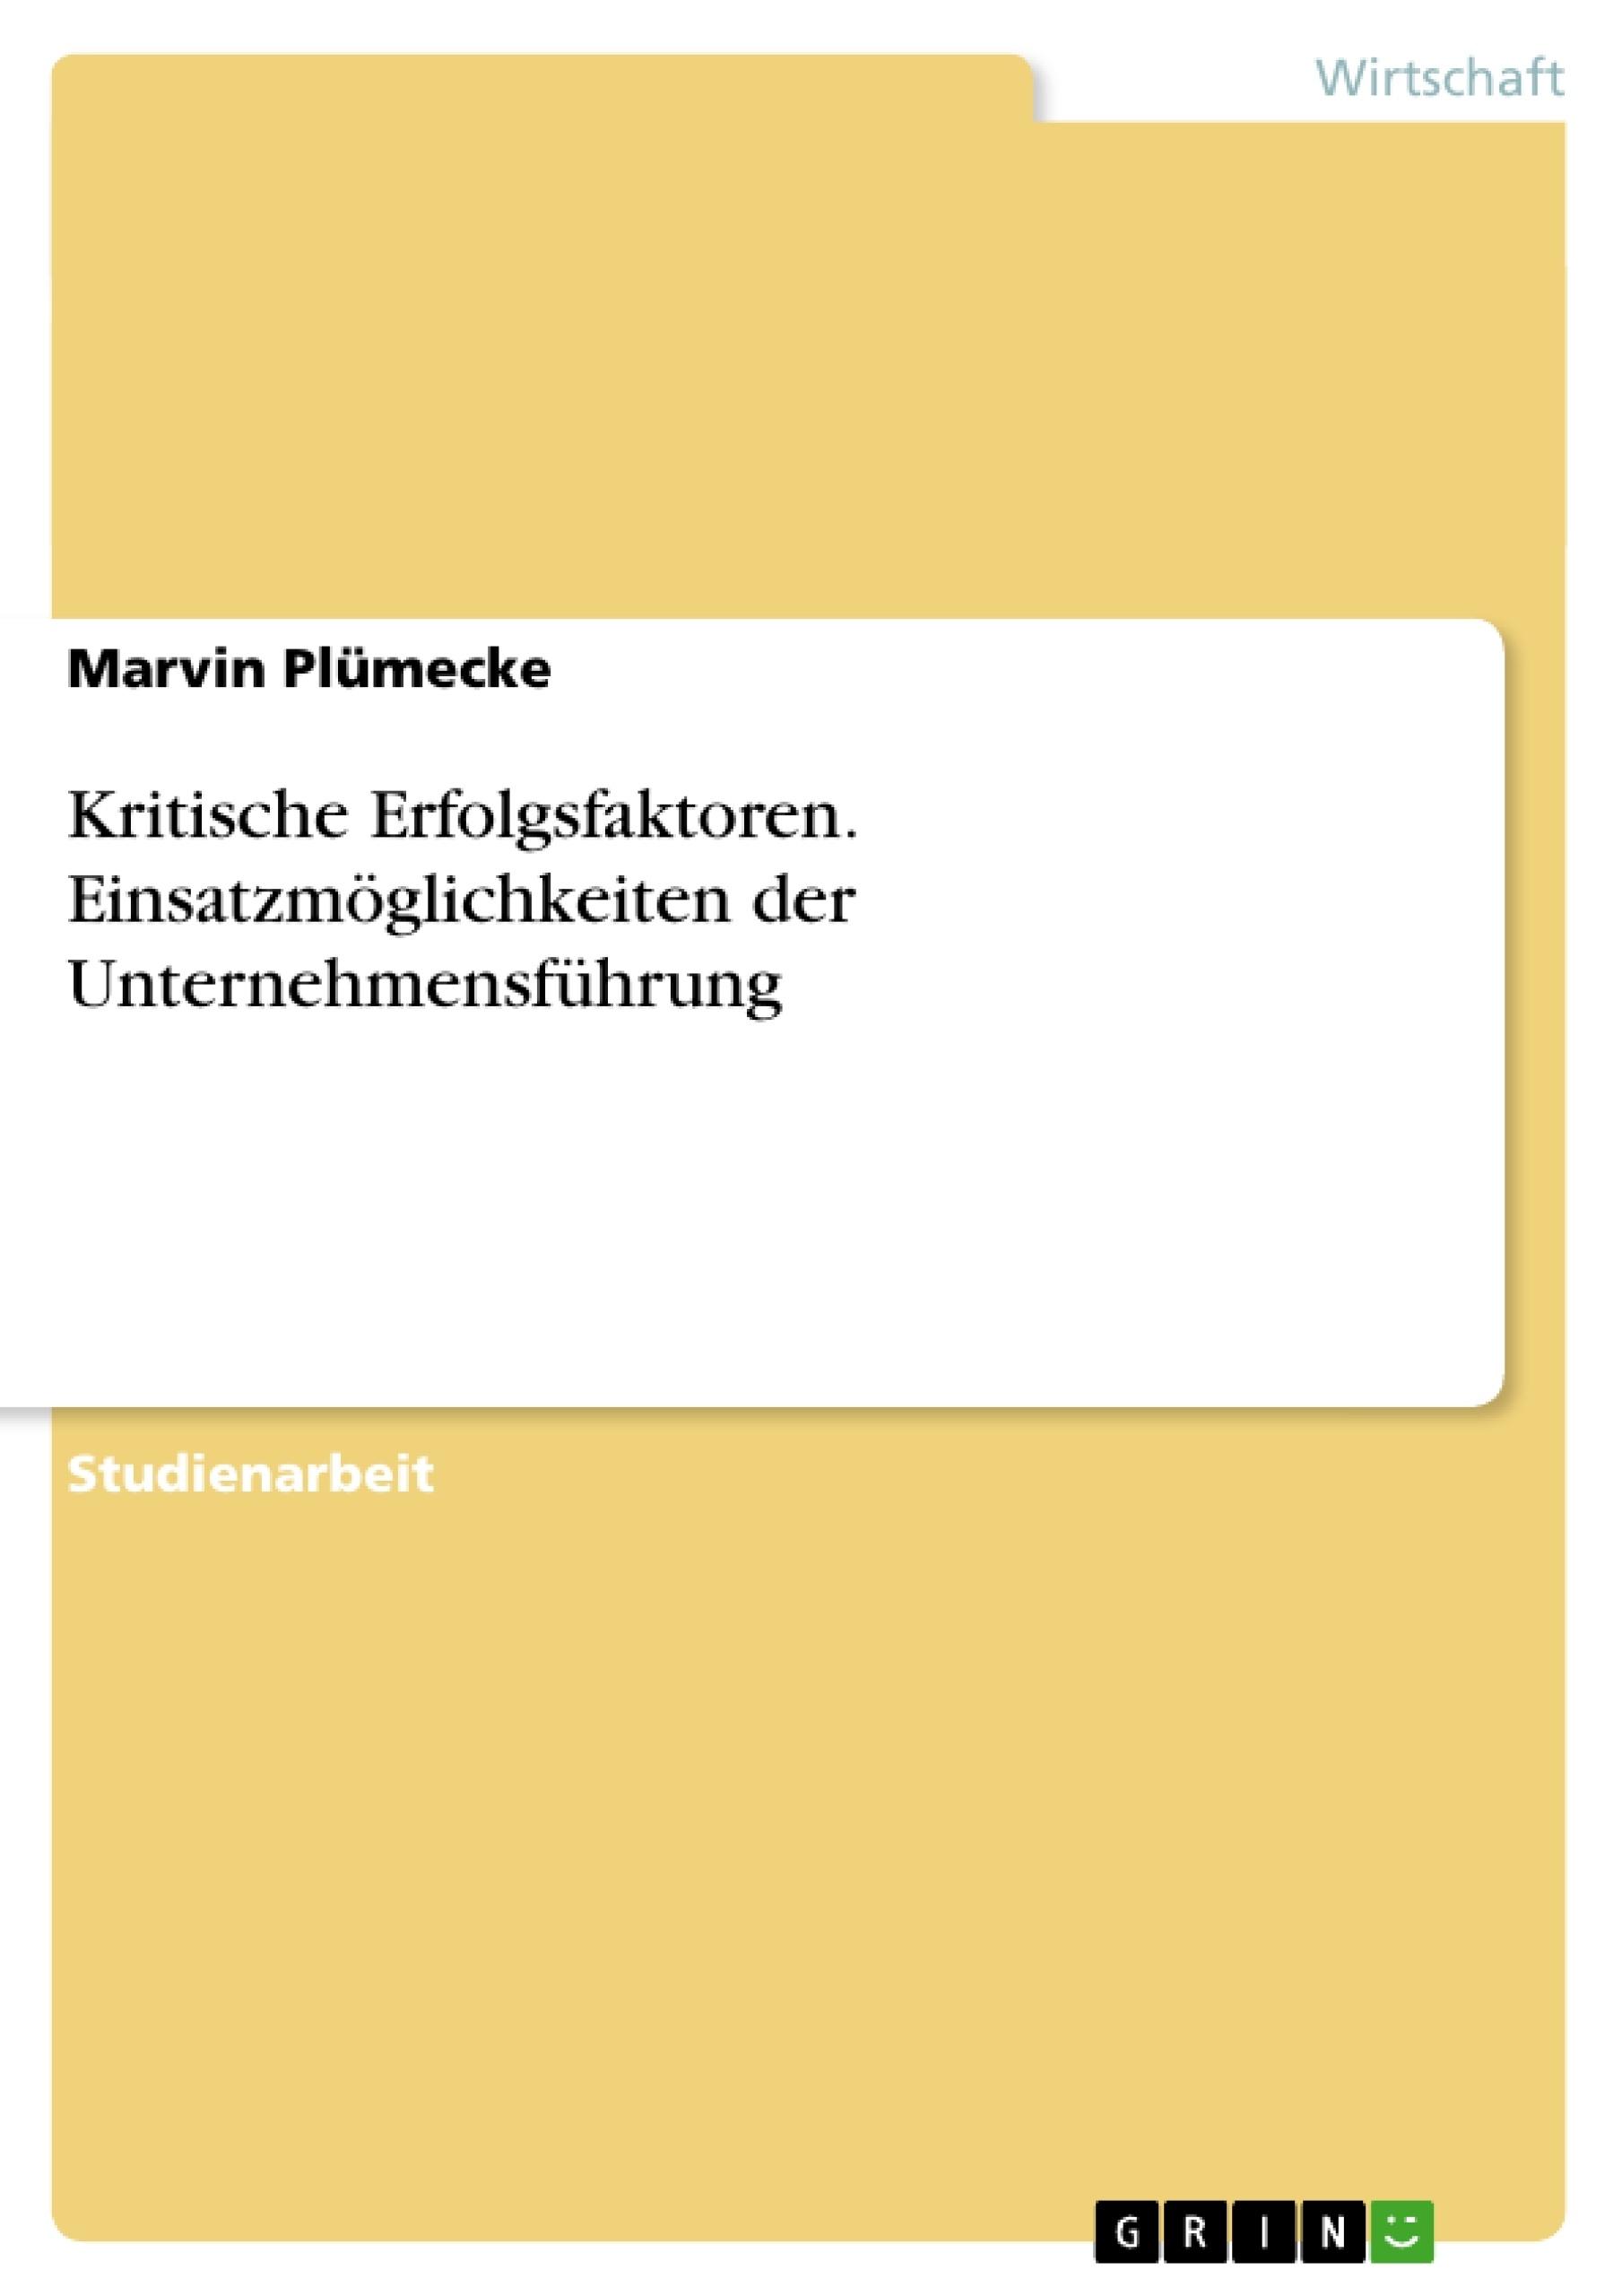 Titel: Kritische Erfolgsfaktoren. Einsatzmöglichkeiten der Unternehmensführung